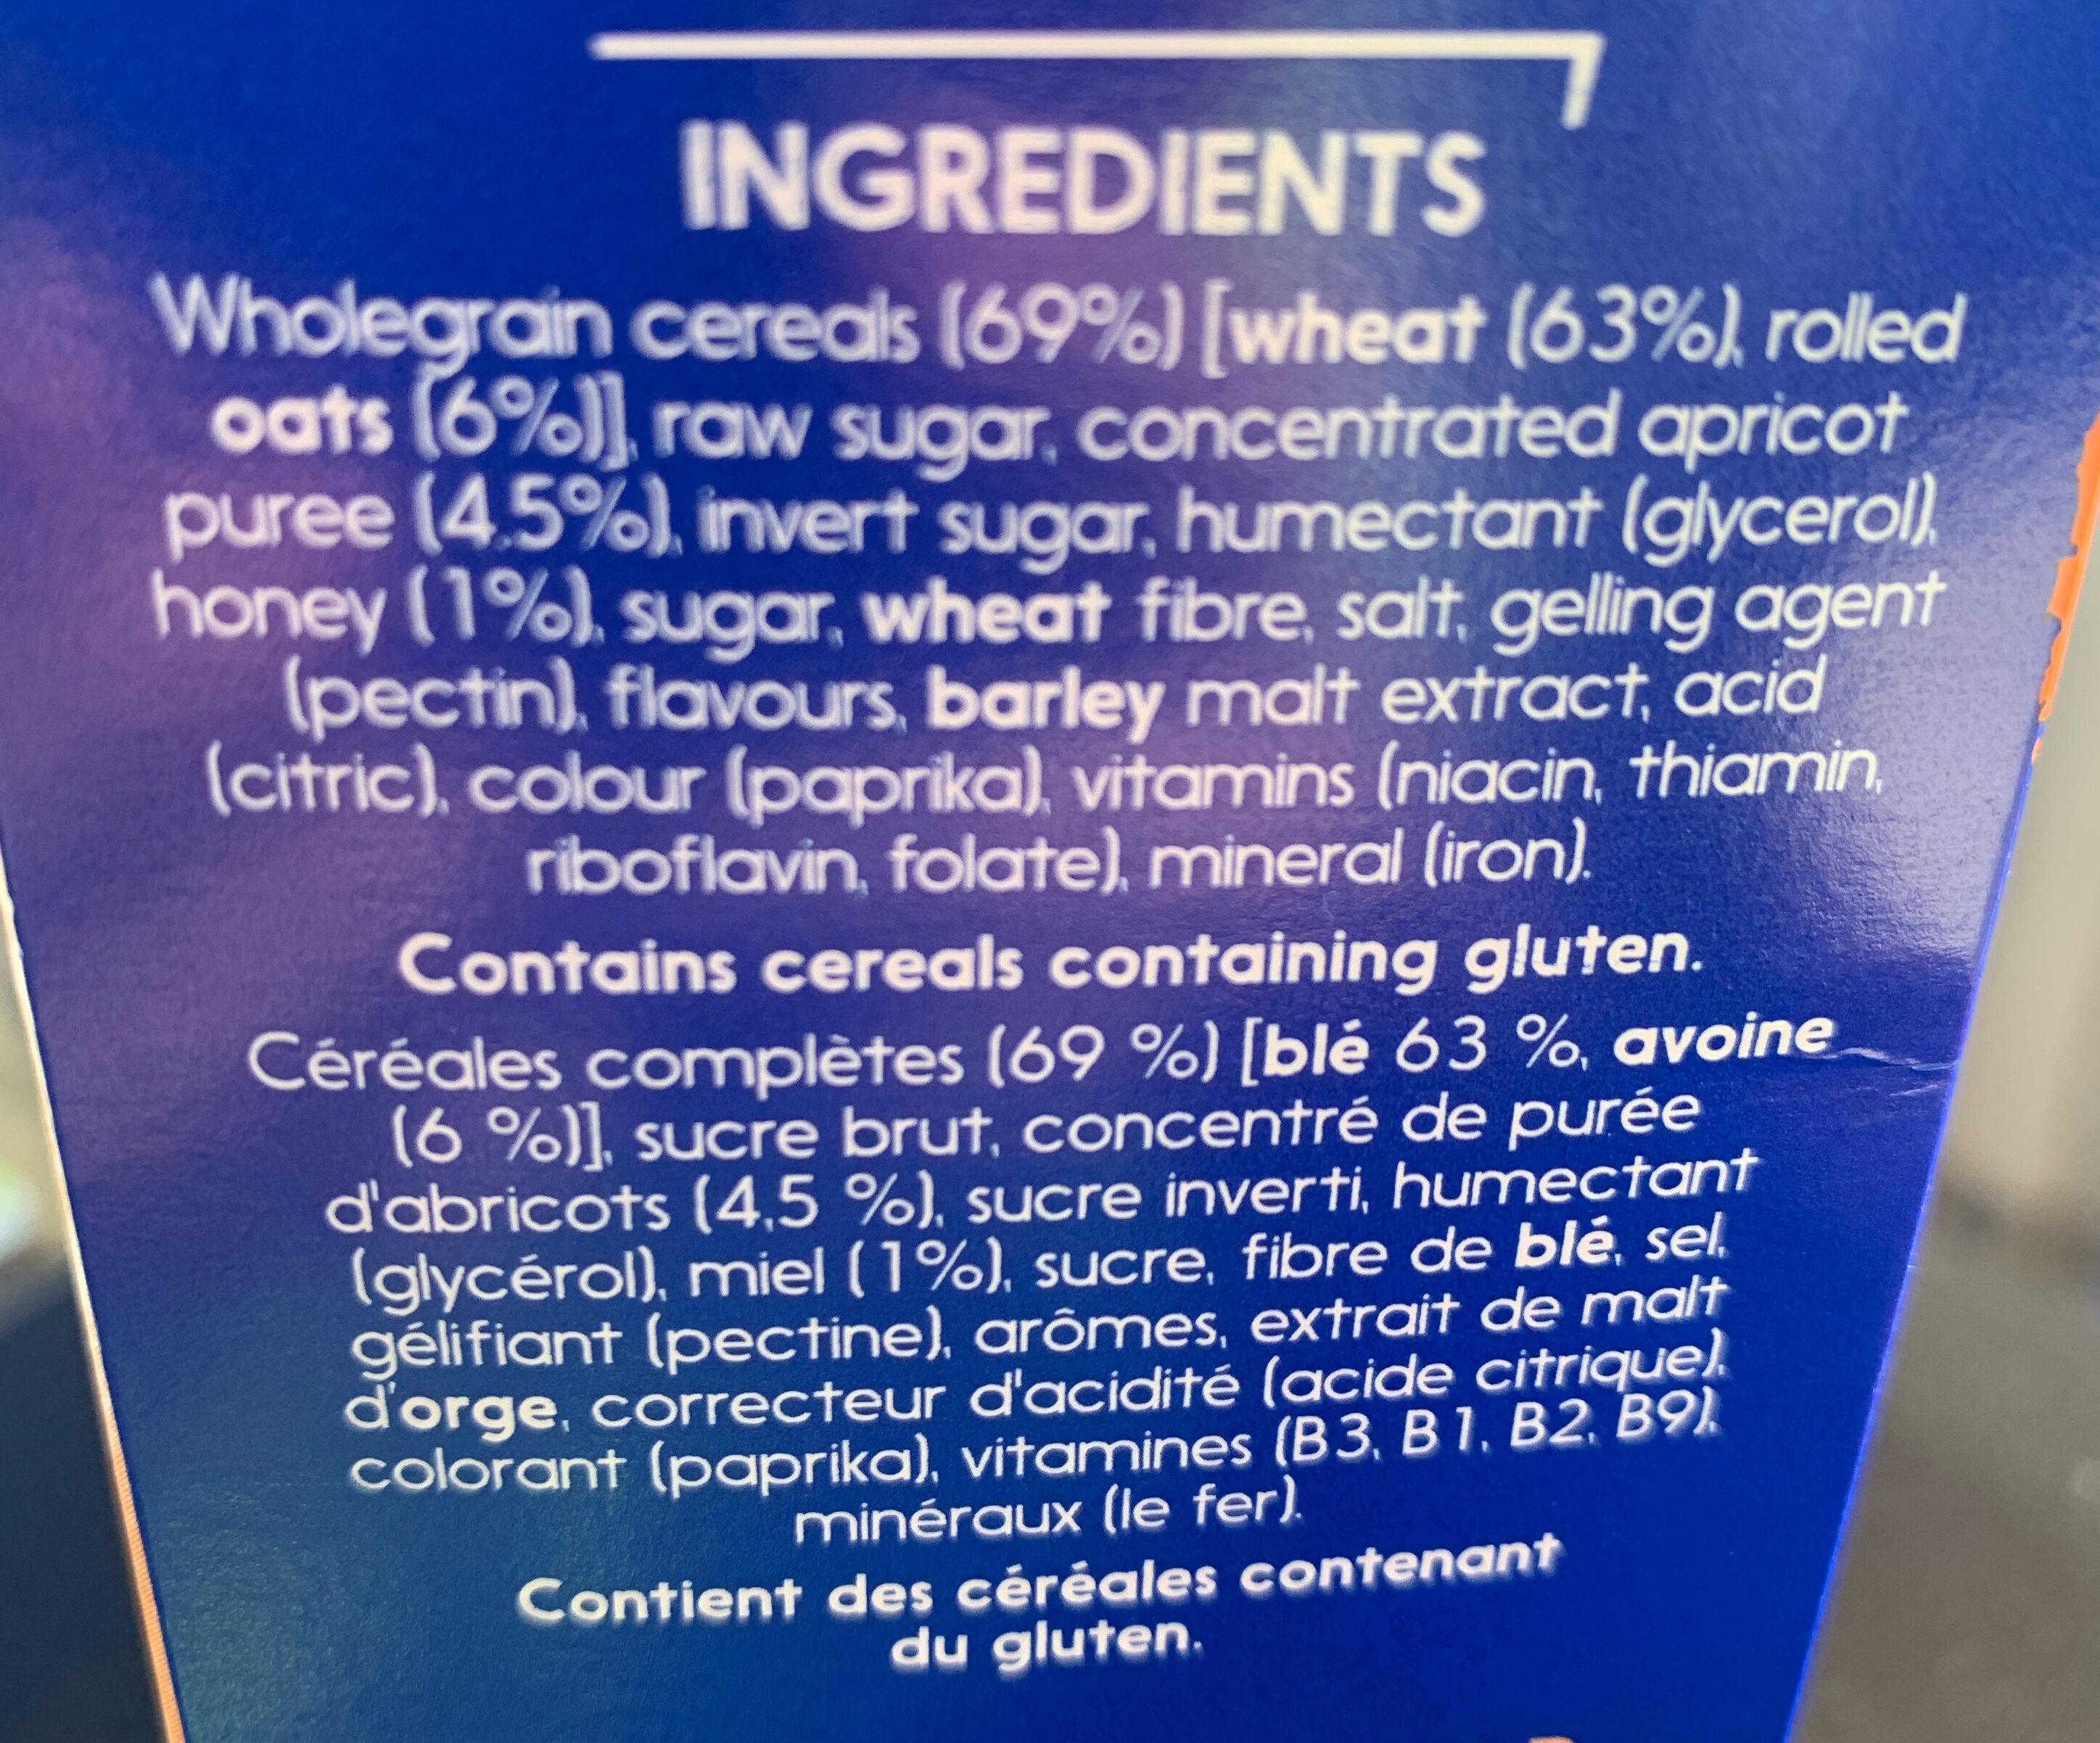 Sanitarium Weetbix Wheat Biscuits Apricot Bites - Ingredients